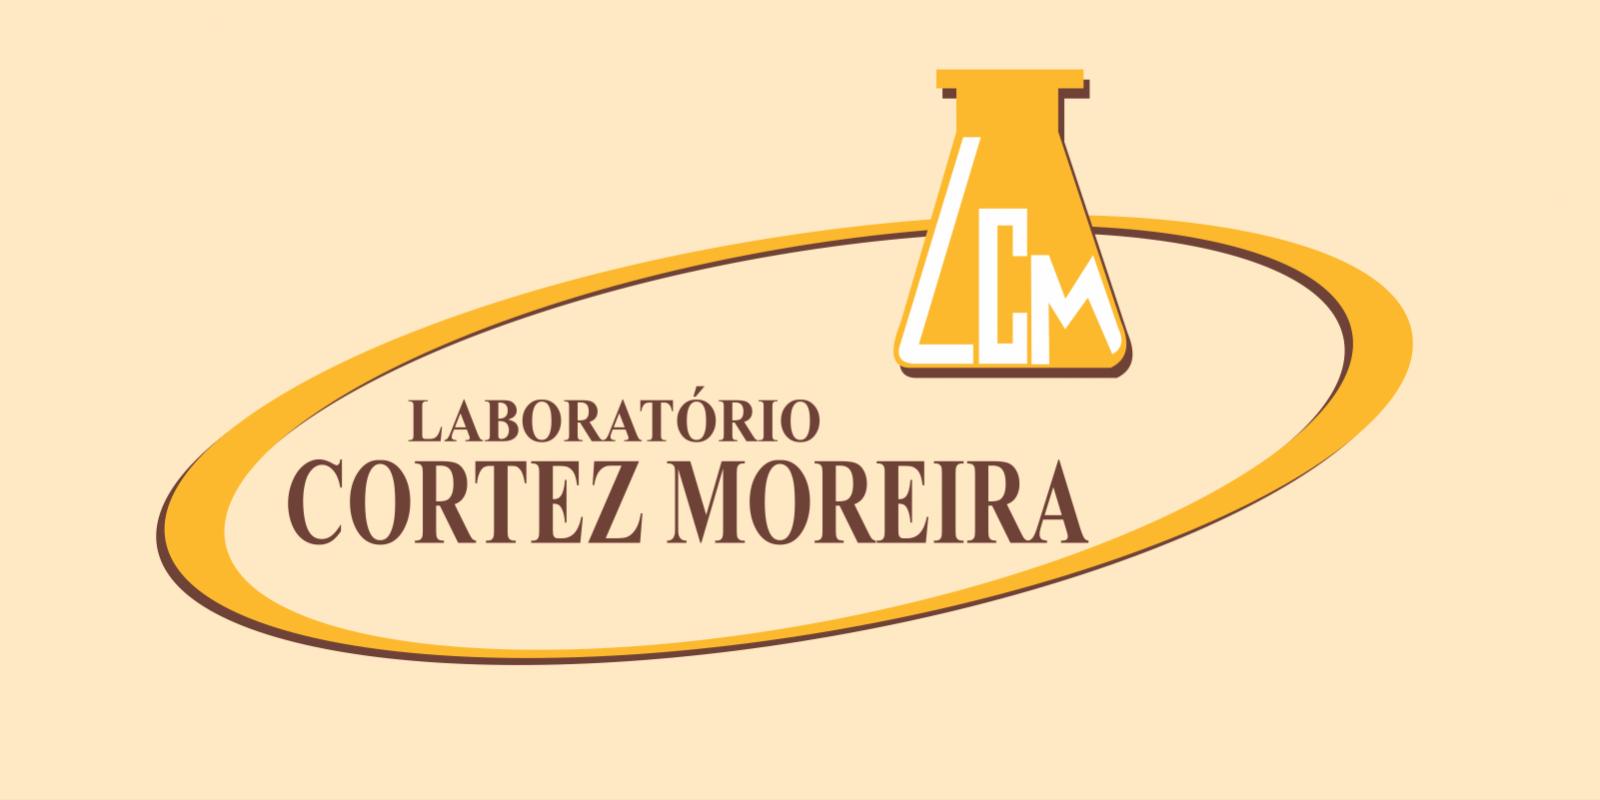 Laboratório Cortez Moreira